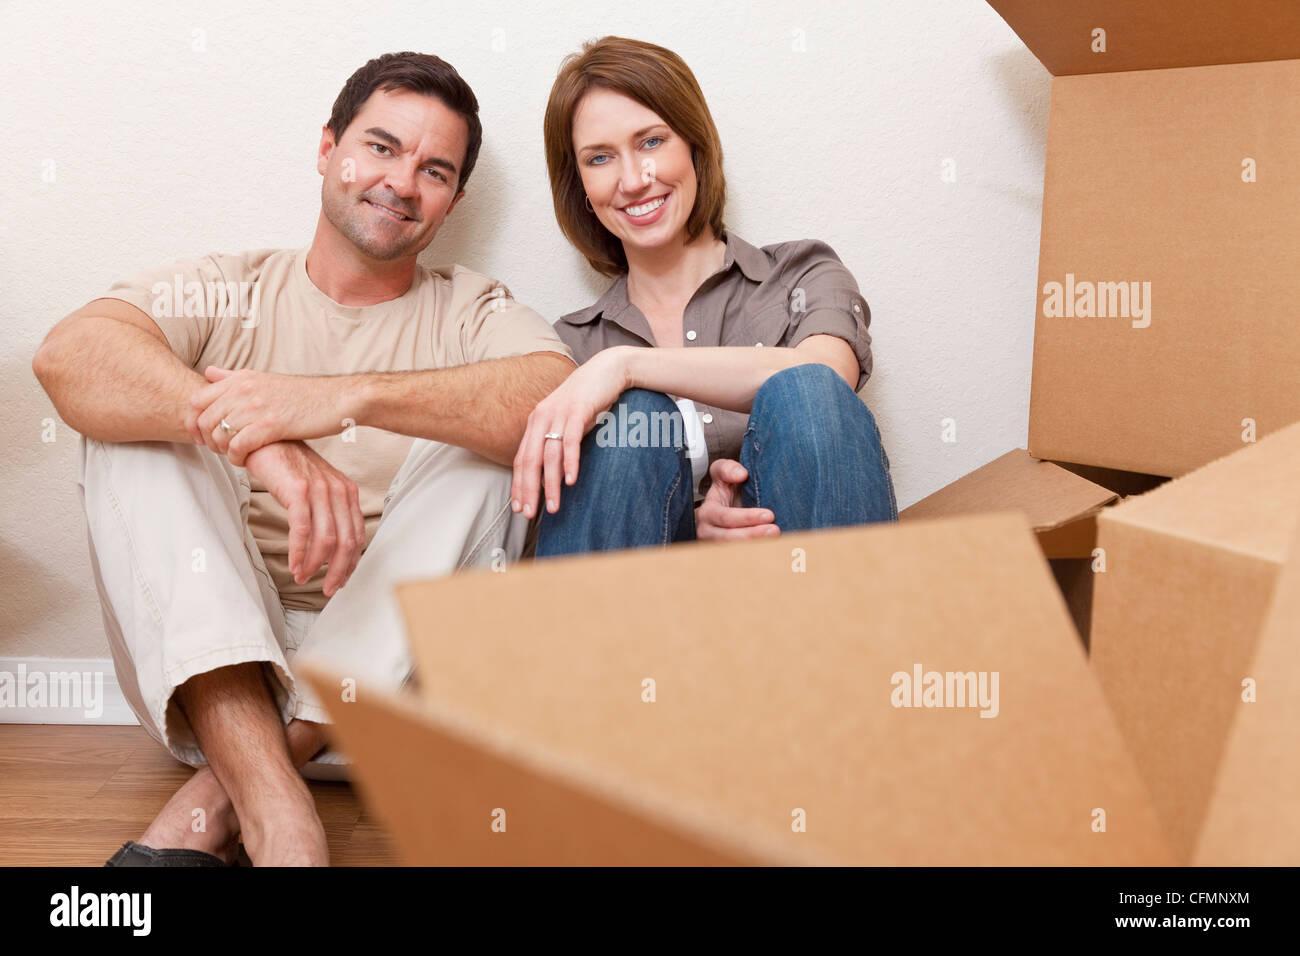 Heureux couple dans la trentaine se détendre lors du déballage ou boîtes d'emballage et de déménagement Photo Stock